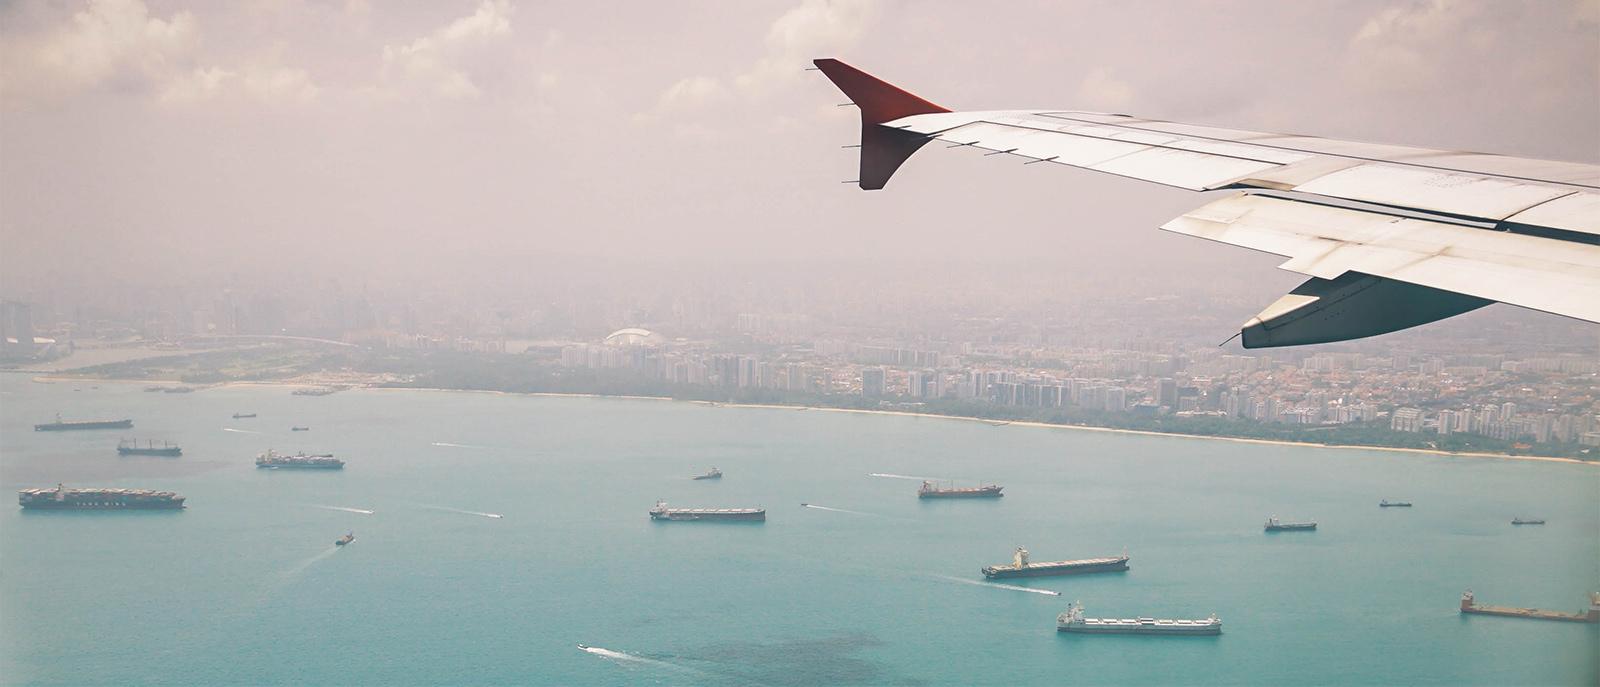 Przesyłki międzynarodowe, transport dedykowany